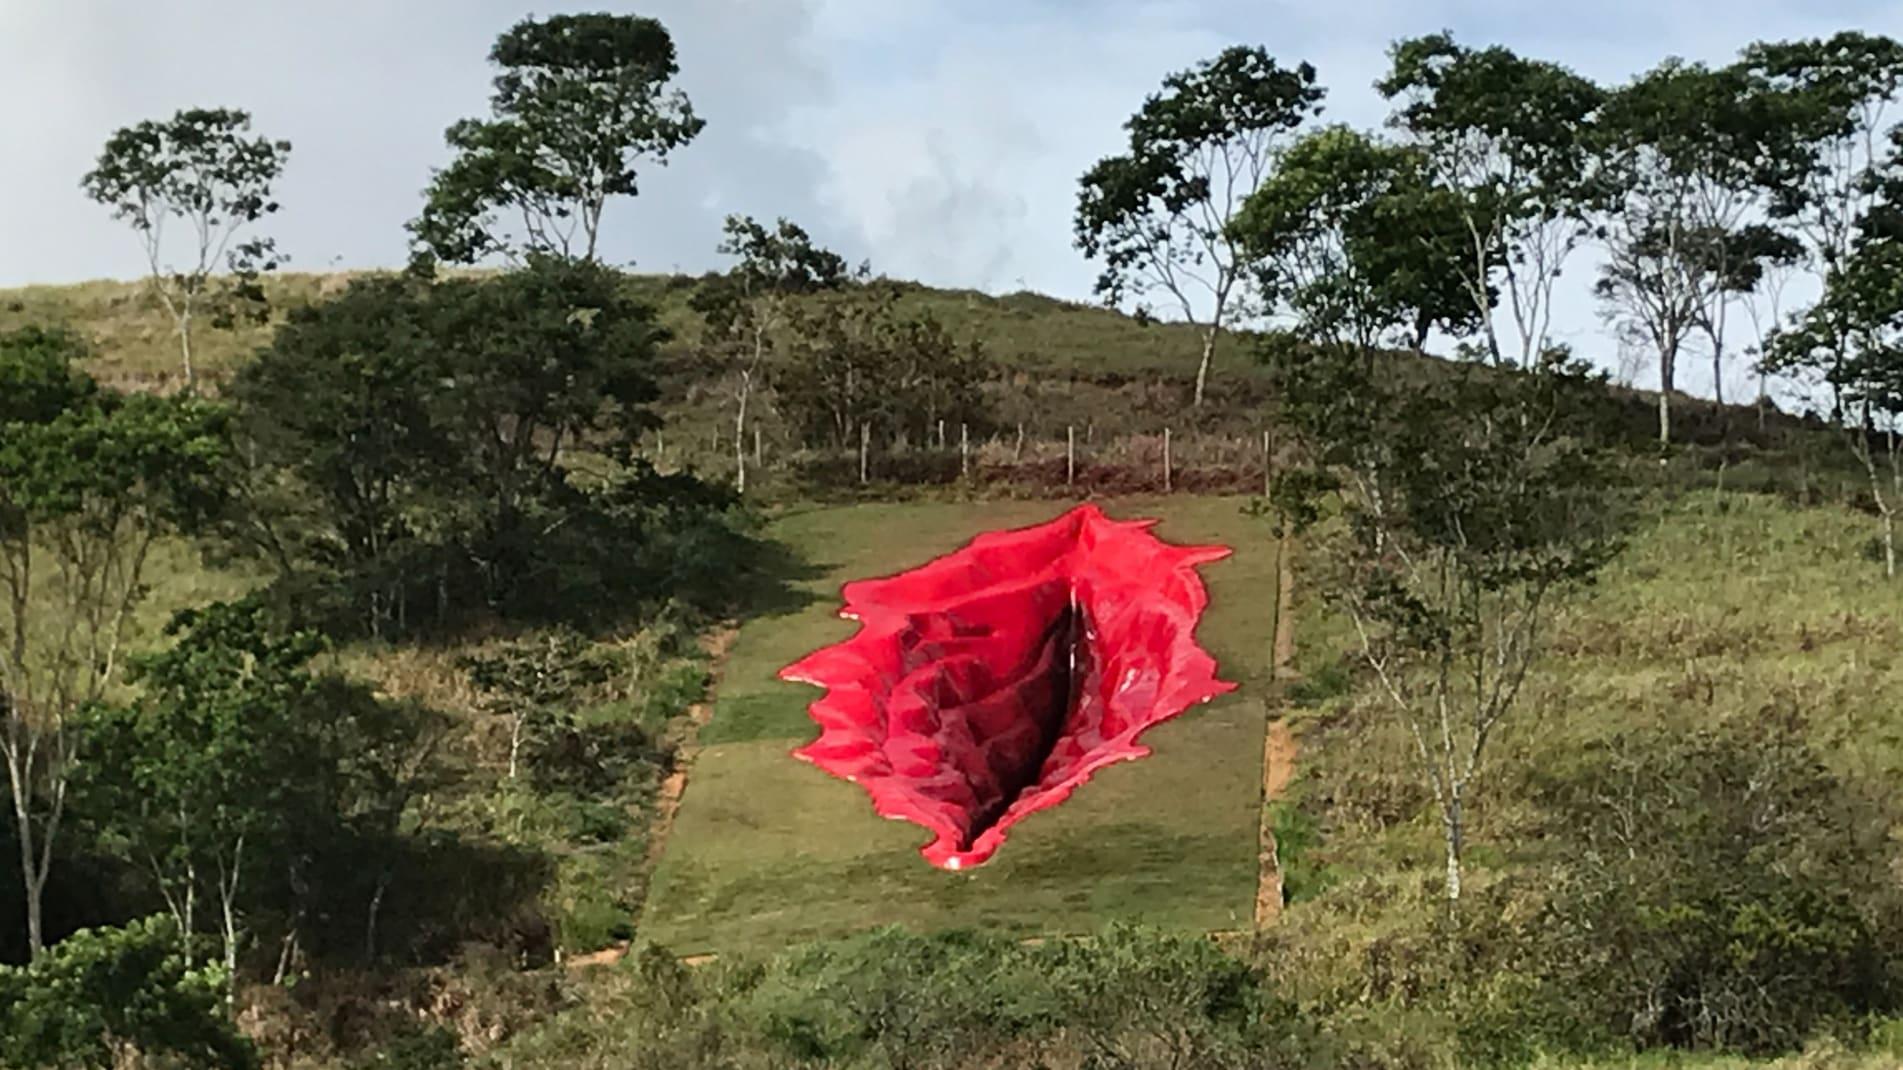 פסל חוצות שנראה כמו פות נשי, מעורר סערה בברזיל